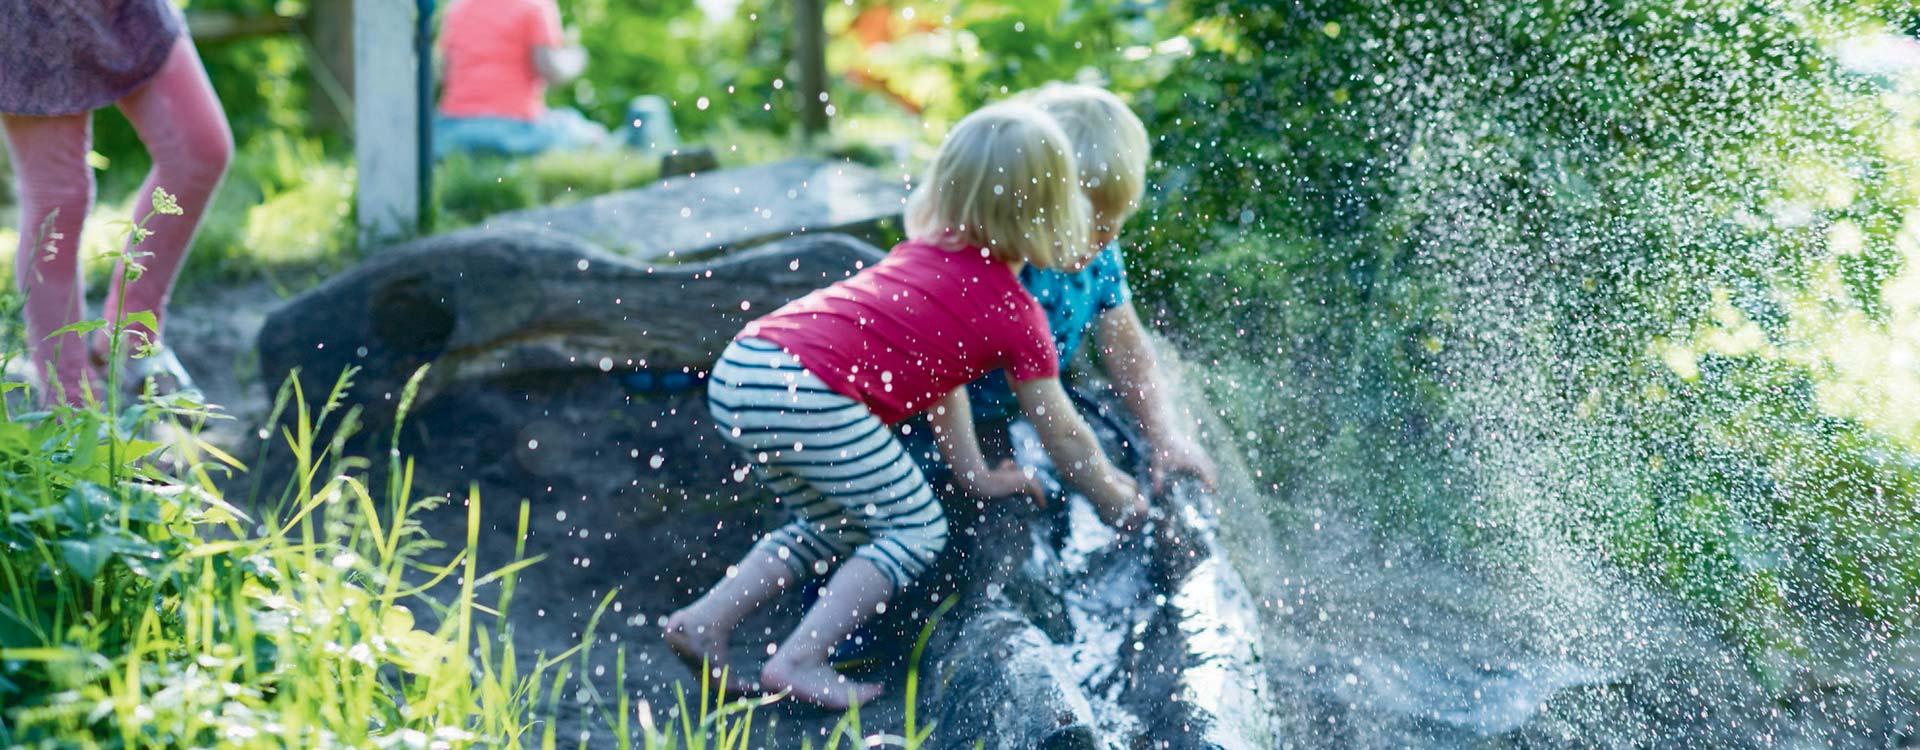 camping-de-berken-spelende-kinderen